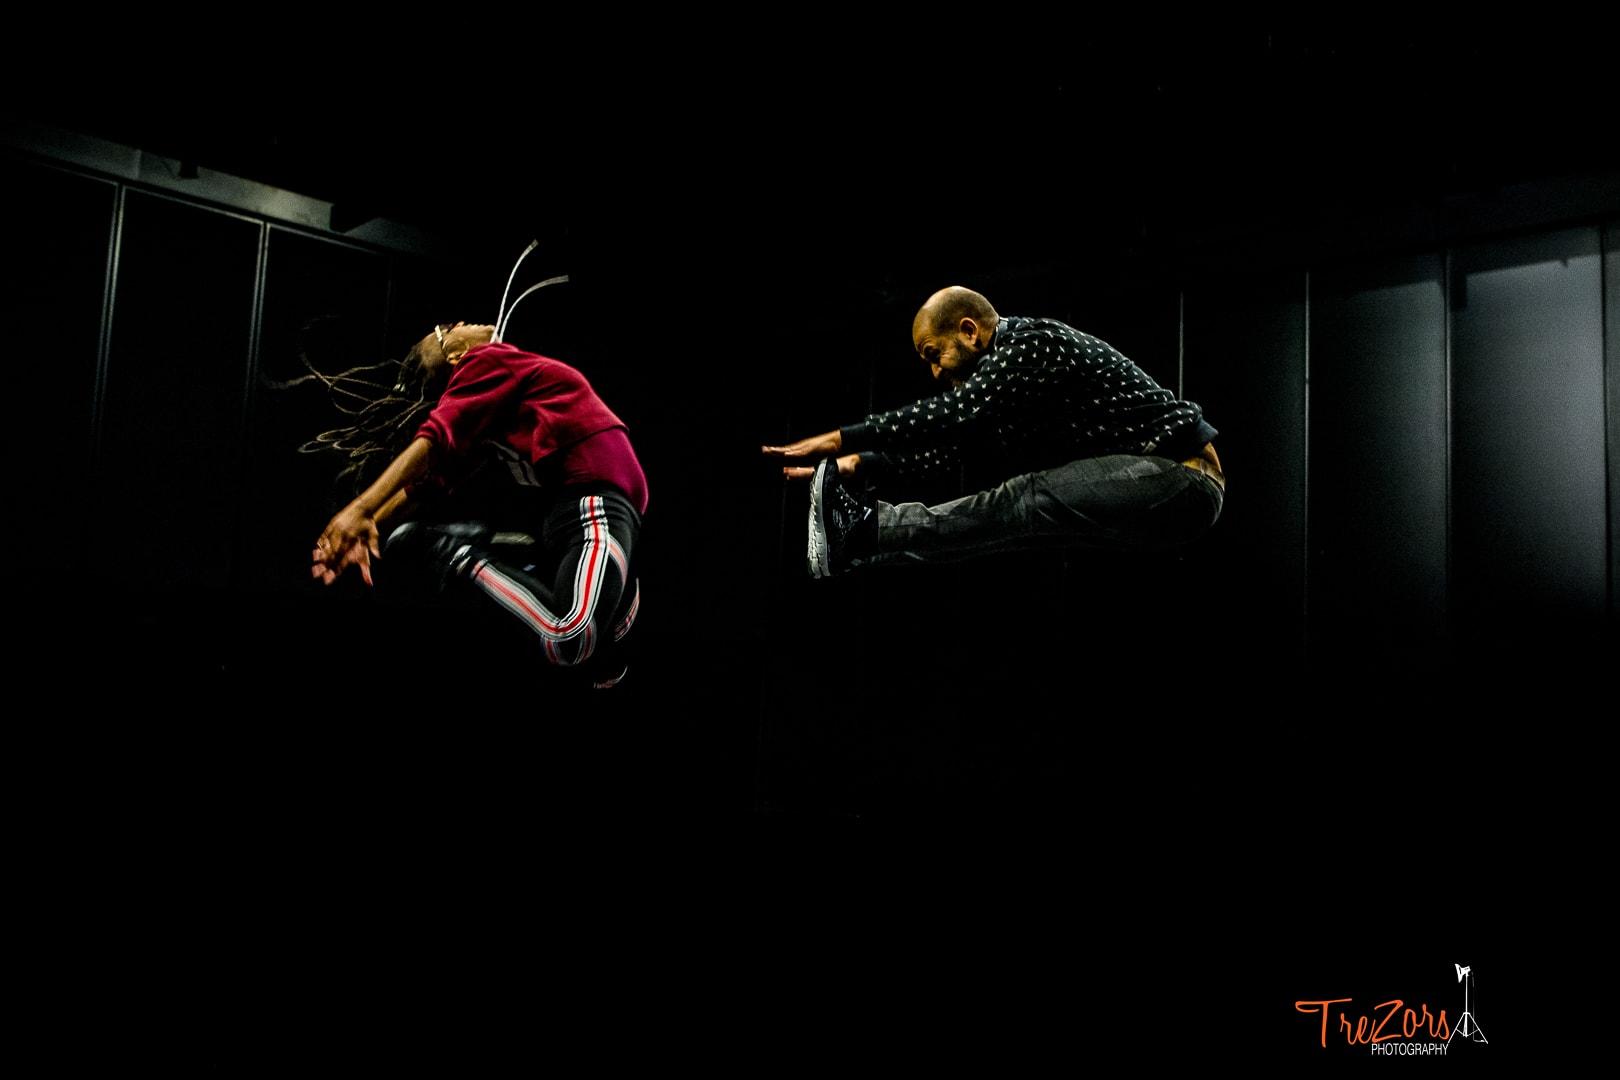 trezors-photography-photographe-professionnel-toulouse-31-sport-lifestyle-danse-hip-hop